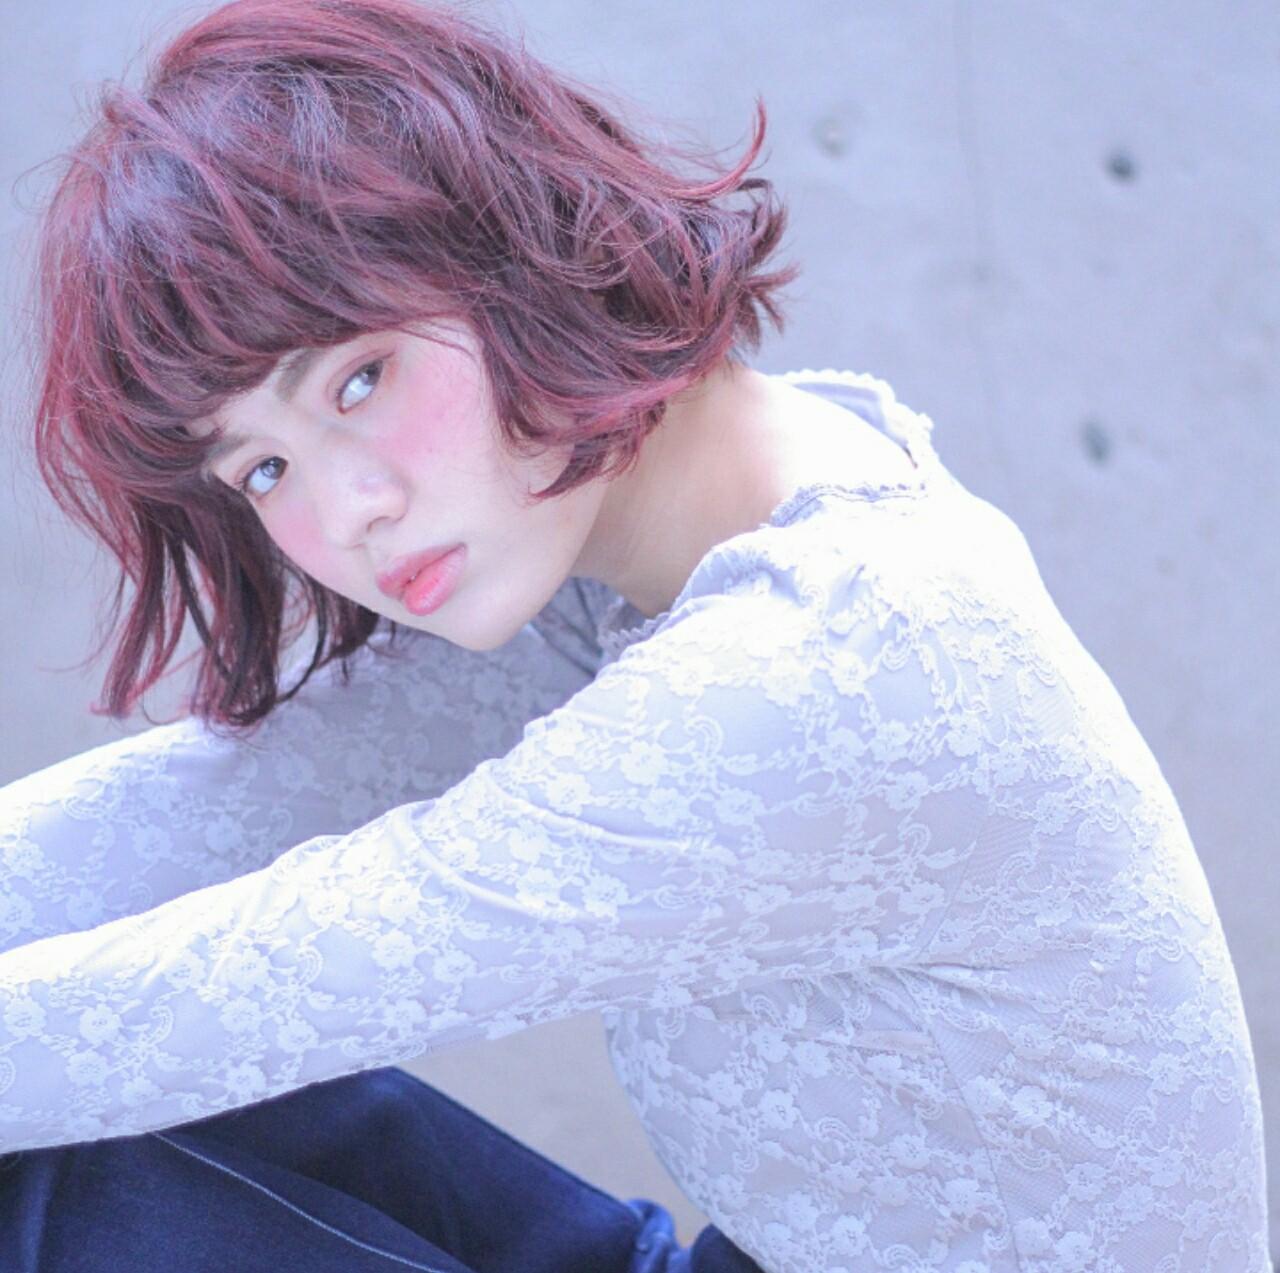 サンゴ系カラーに癒されて。Coral(コーラル)色で幸せたっぷりな髪に♡ Wataru Maeda / cache cache